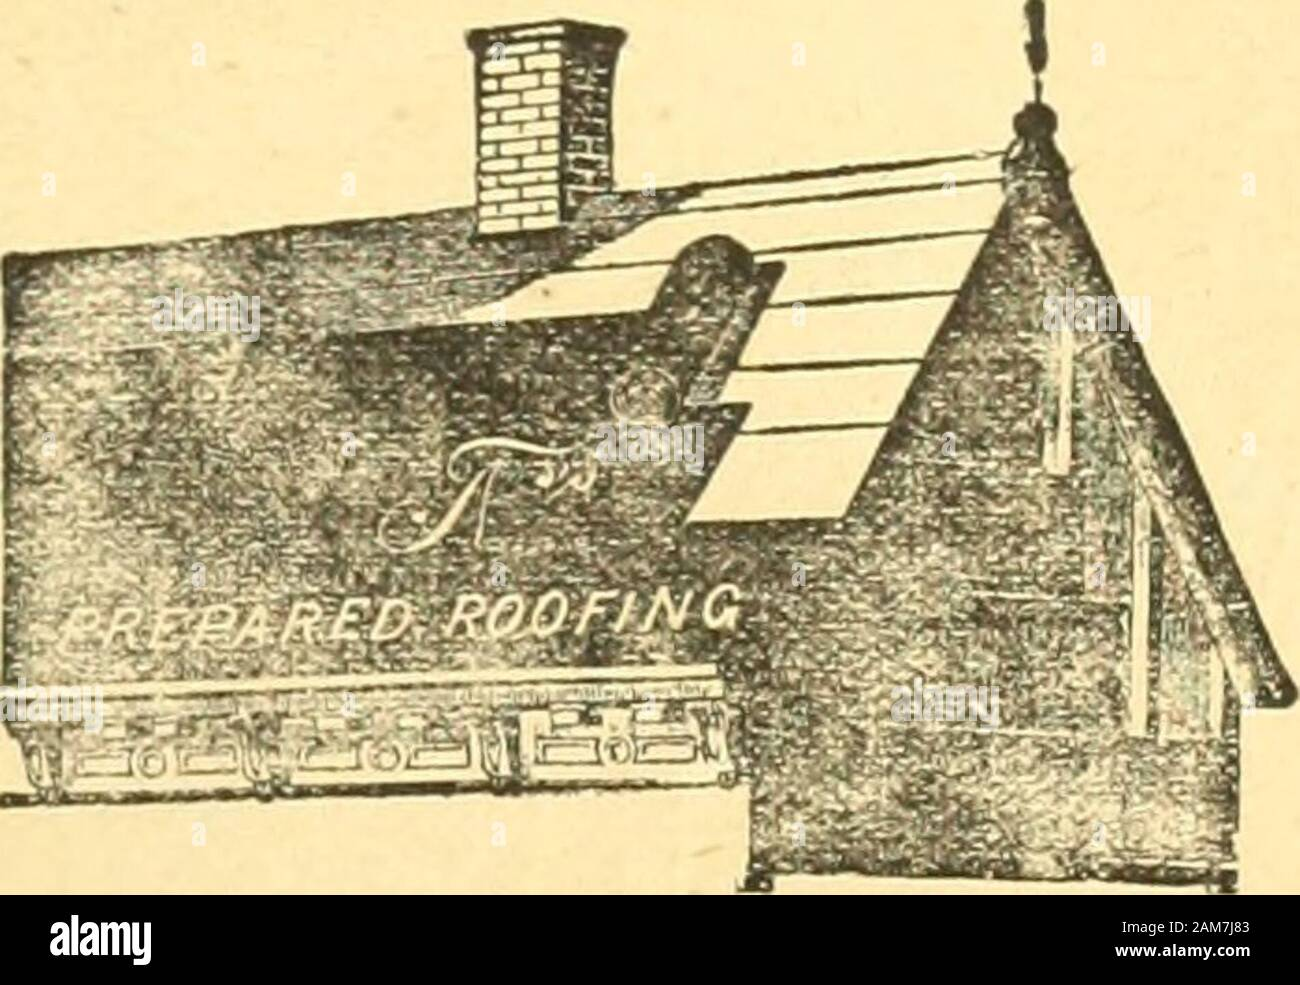 Le quincaillier (Septembre 1888-Aout 1889) . RUTHERFORD k Fils MANUFACTURIERS, ENTREPRENEURS & MARCHANDS DE BOIS Ouvrage de Meuuiserie et Fabrique de Boites dEmballage, etc. ]>Xoixlius a Scier et a Blanchir : 85 a 95 AVENUE ATWATER, MONTREAL. Les COUVERTURES en FEDTRE (TROTS EPAISSEURS) POSES PAR TOWLE & MICHAUD Et peinture? avec leur celebre Peinture a ltipreuve du feu etde leau, sont garantis pour dix ana. Ce mode de Couver-tures augmente tous les jours, il est consid6rf||comme le plus econonii-lque, le plus durable et gspecialement adapts a|notre climat.. Jous ceux qui ontfait poser de c Stock Photo